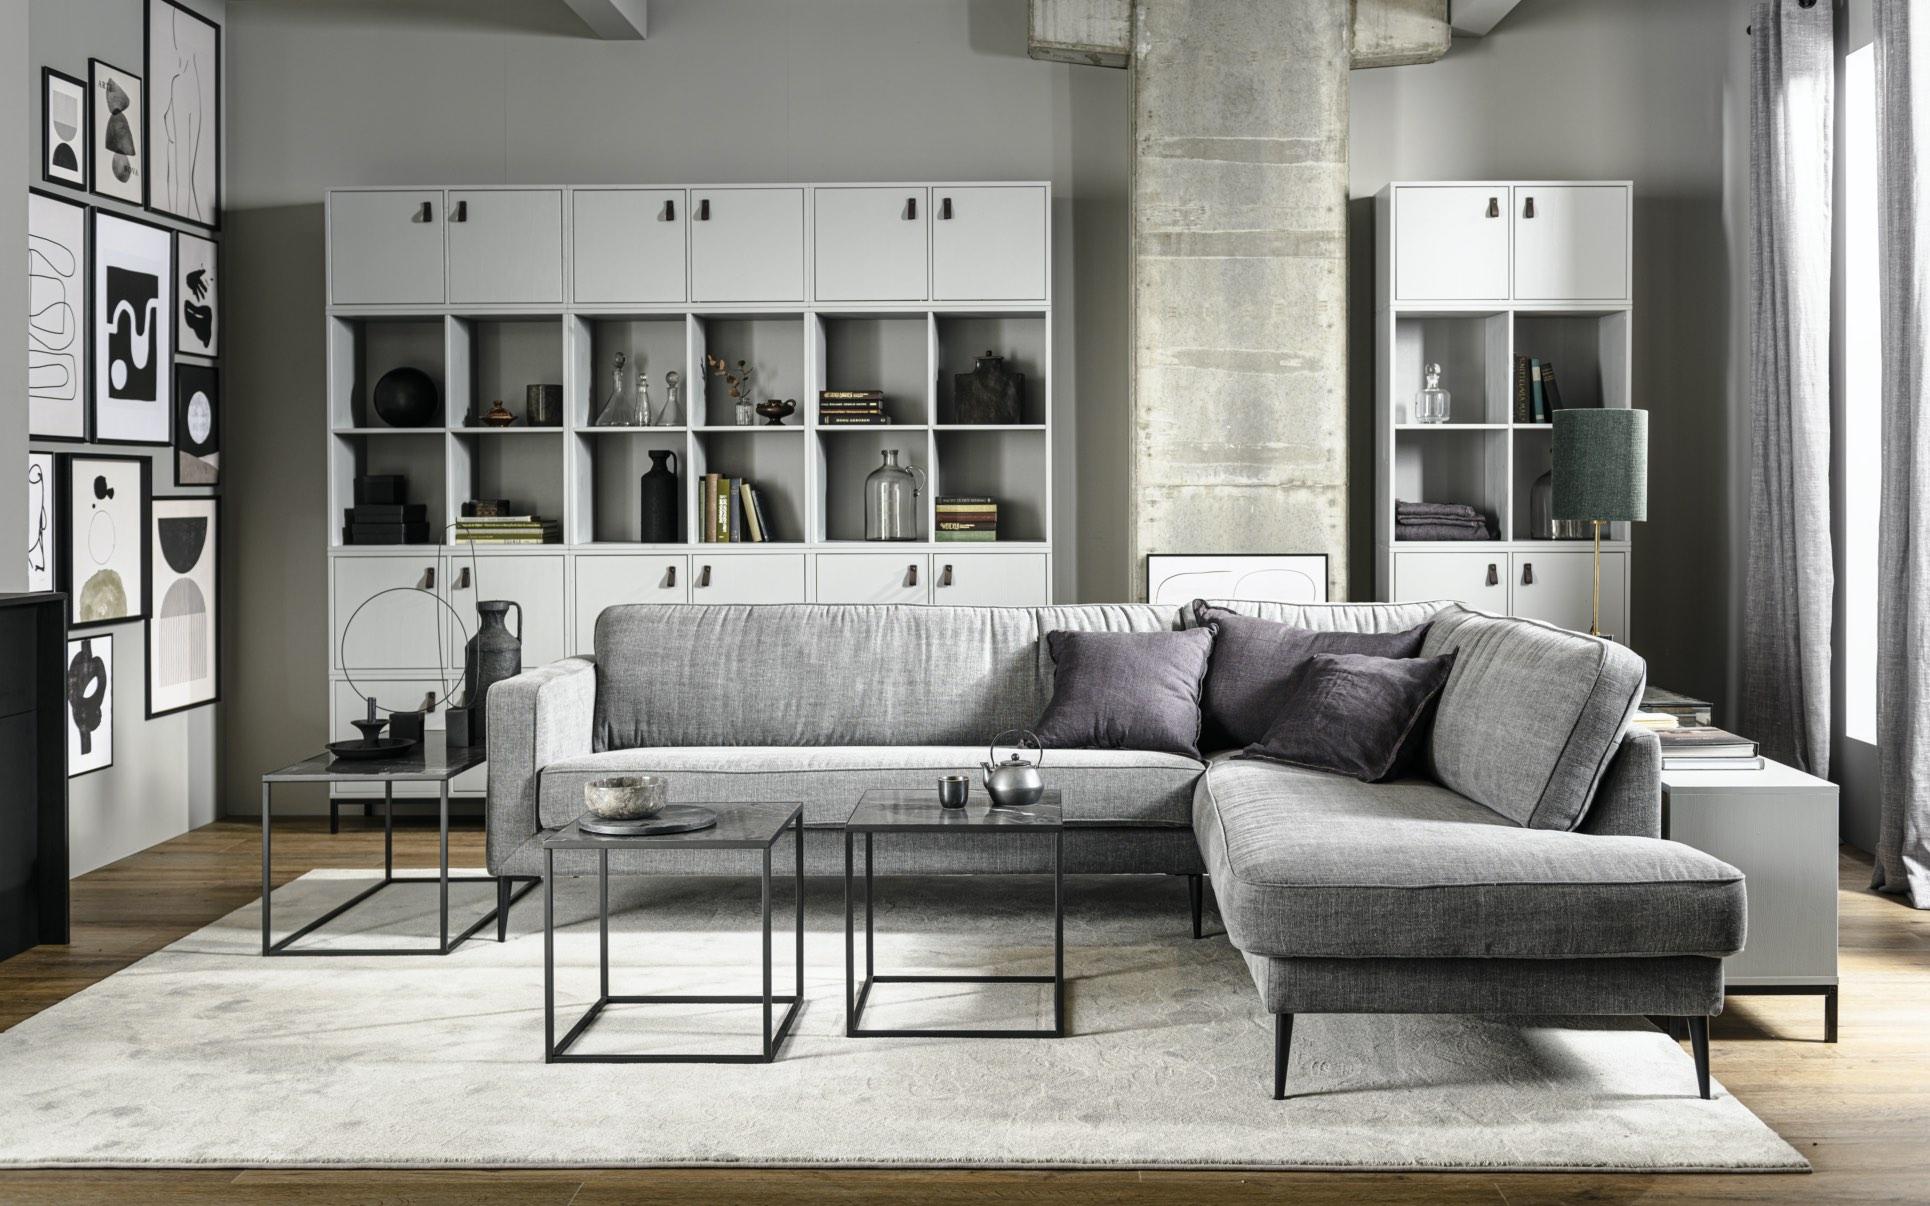 375127-SLA-373824-Z-373825-Z-375787-BET-375786-BET-375107-BET-01 SF VT Crew corner sofa Side bijzettafel M en L zwart met zwart marmeren blad Lower case